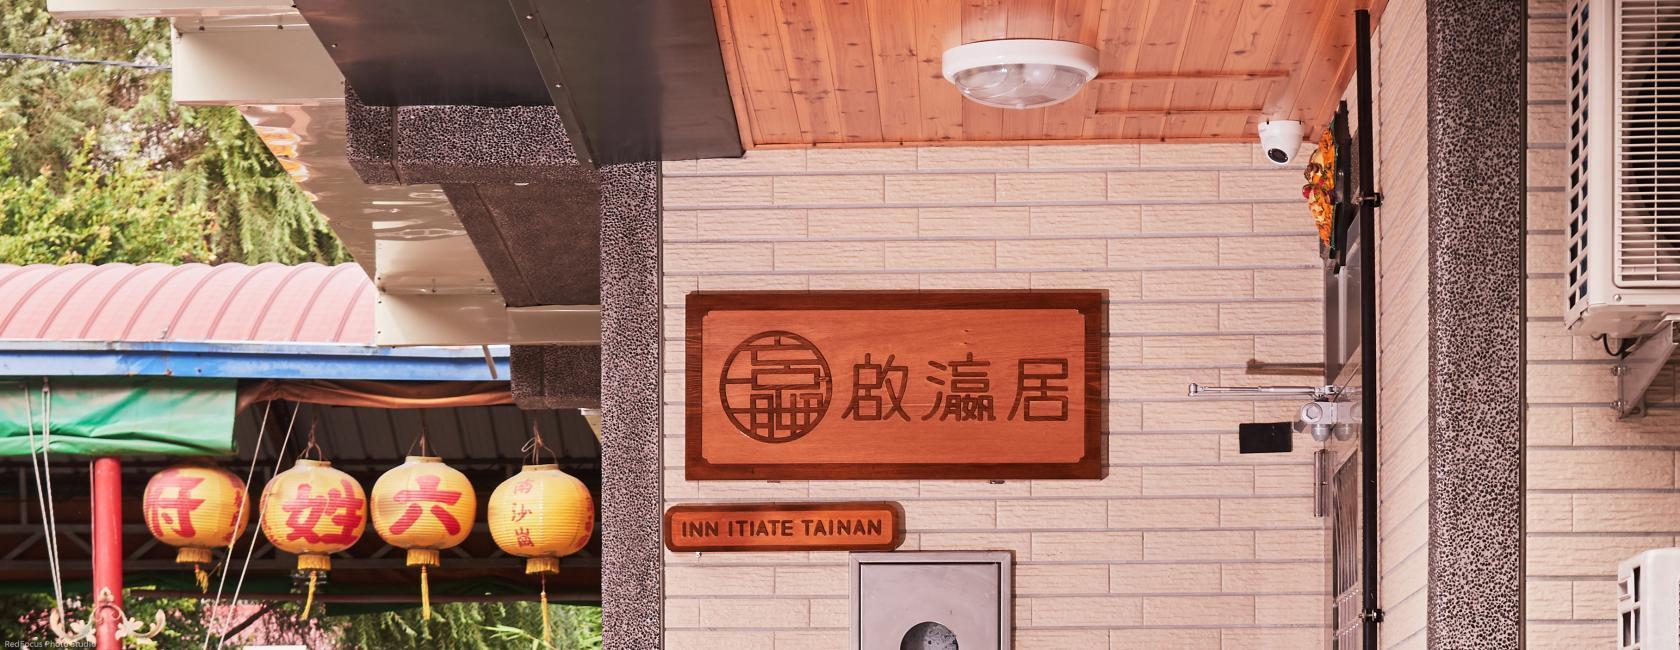 Inn Itiate Tainan